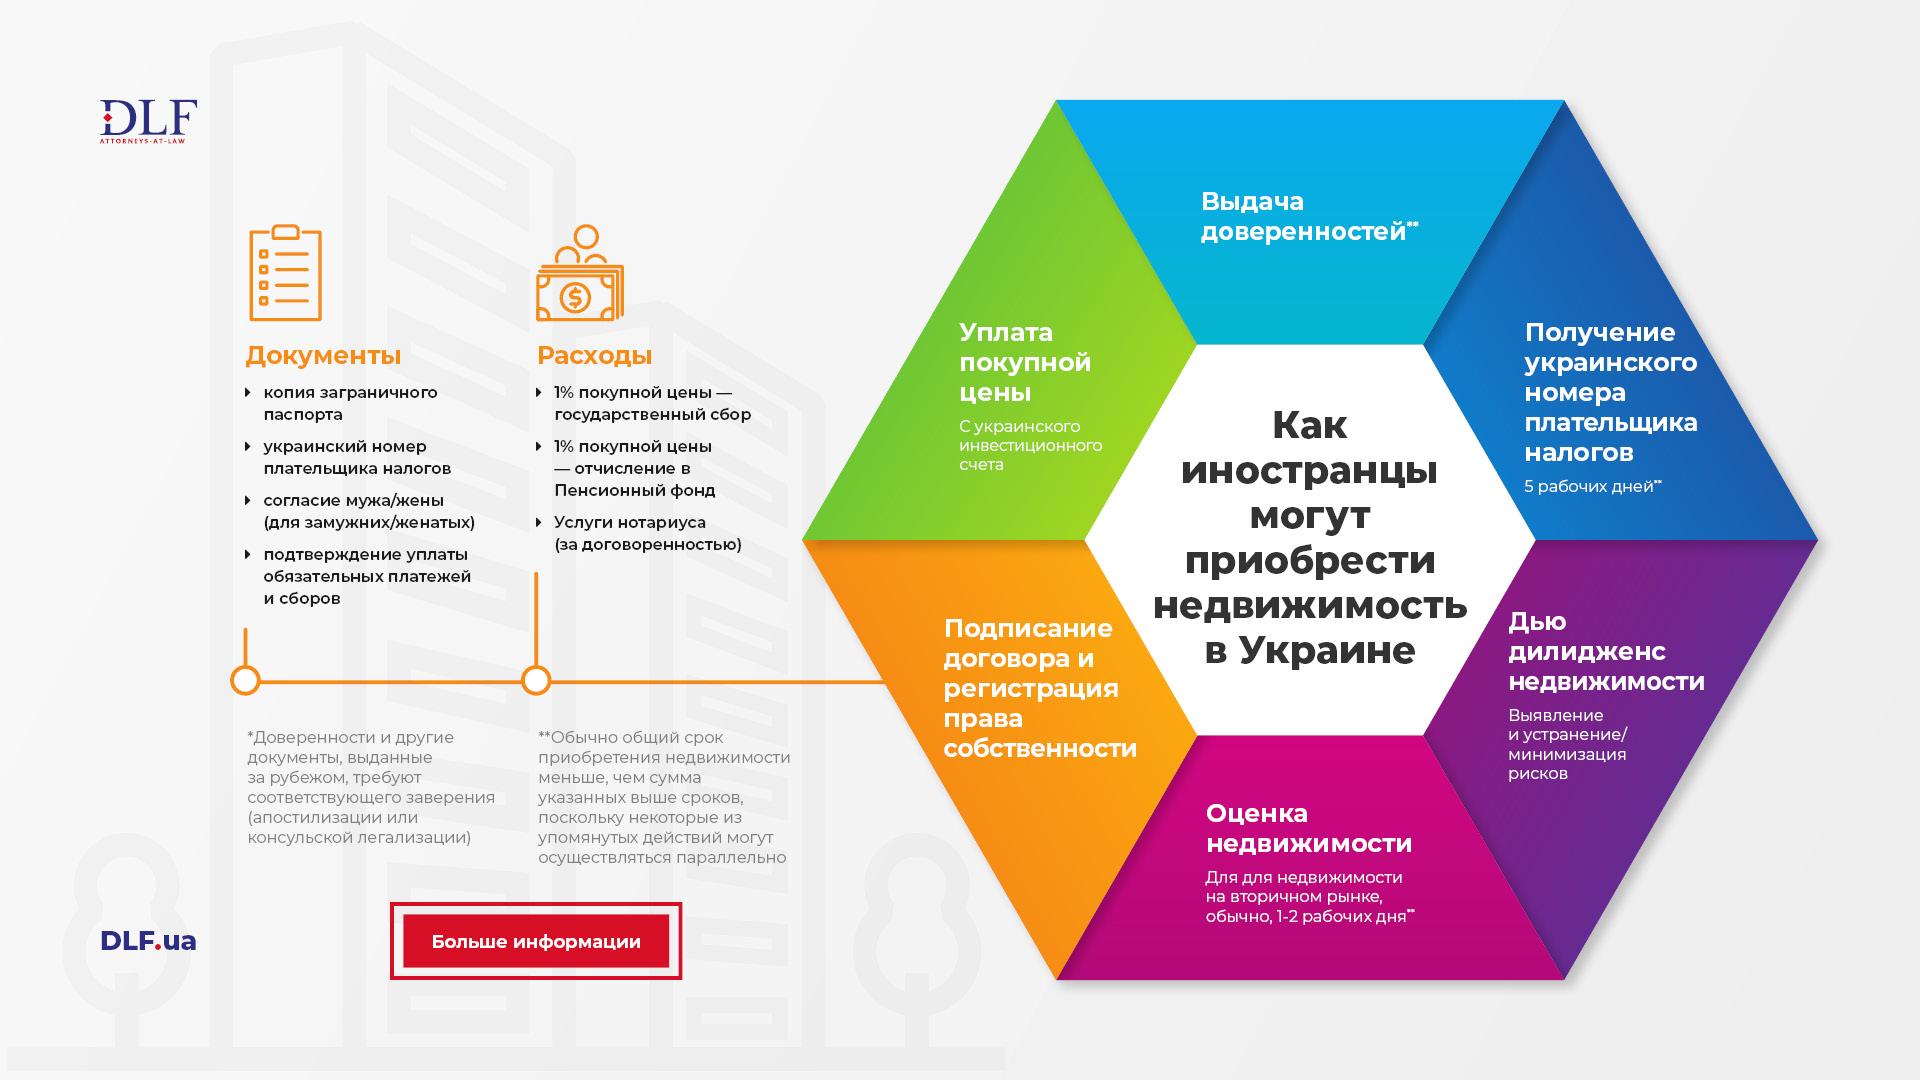 6 шагов к покупке недвижимости в Украине - Инфографика - DLF attorneys-at-law